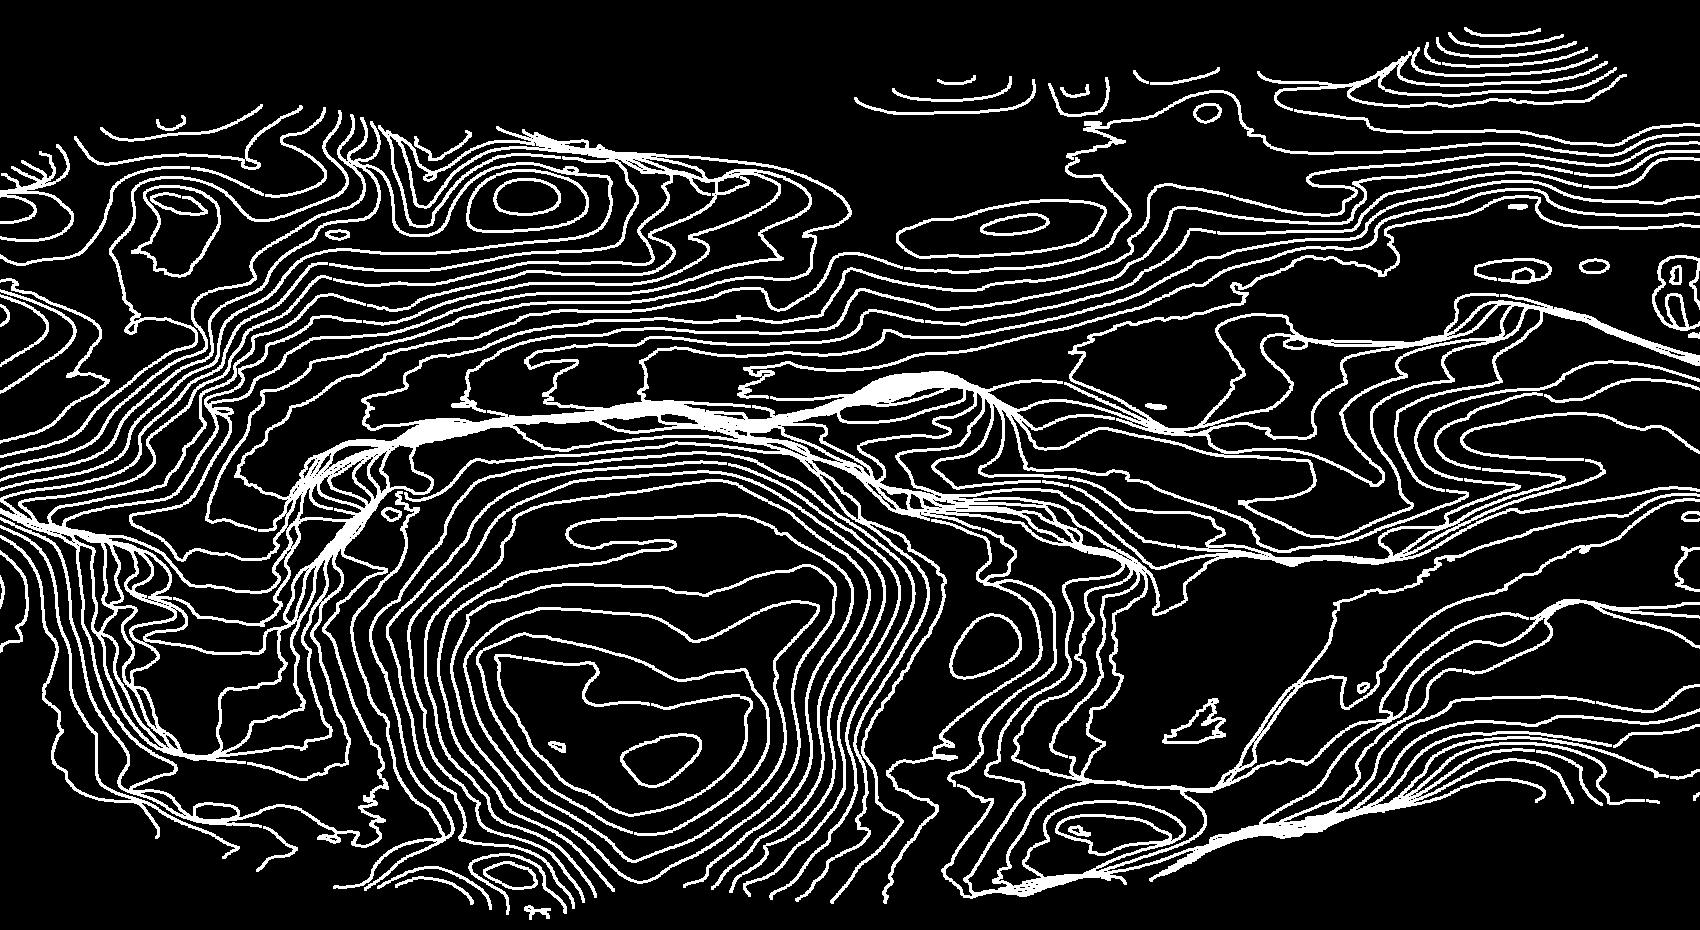 contour-website-pix4dmapper.png